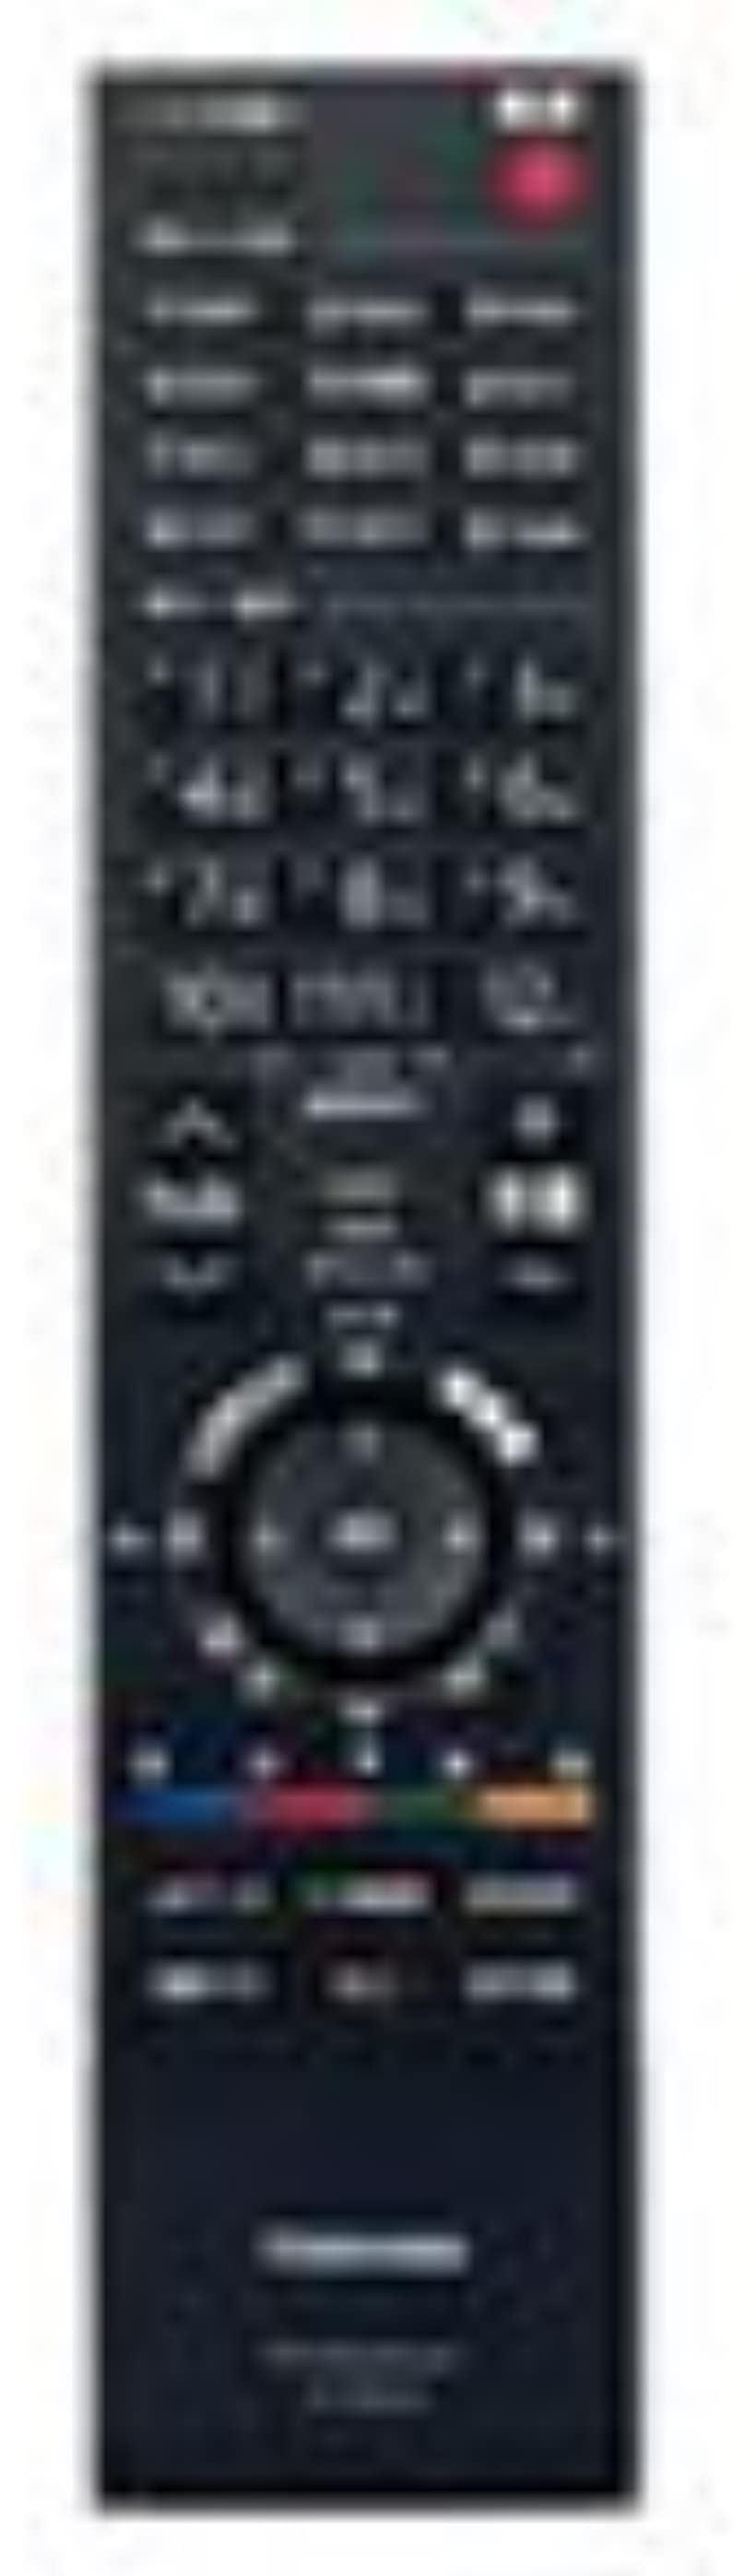 純正 液晶テレビ用リモコン[CT-90293](黒)